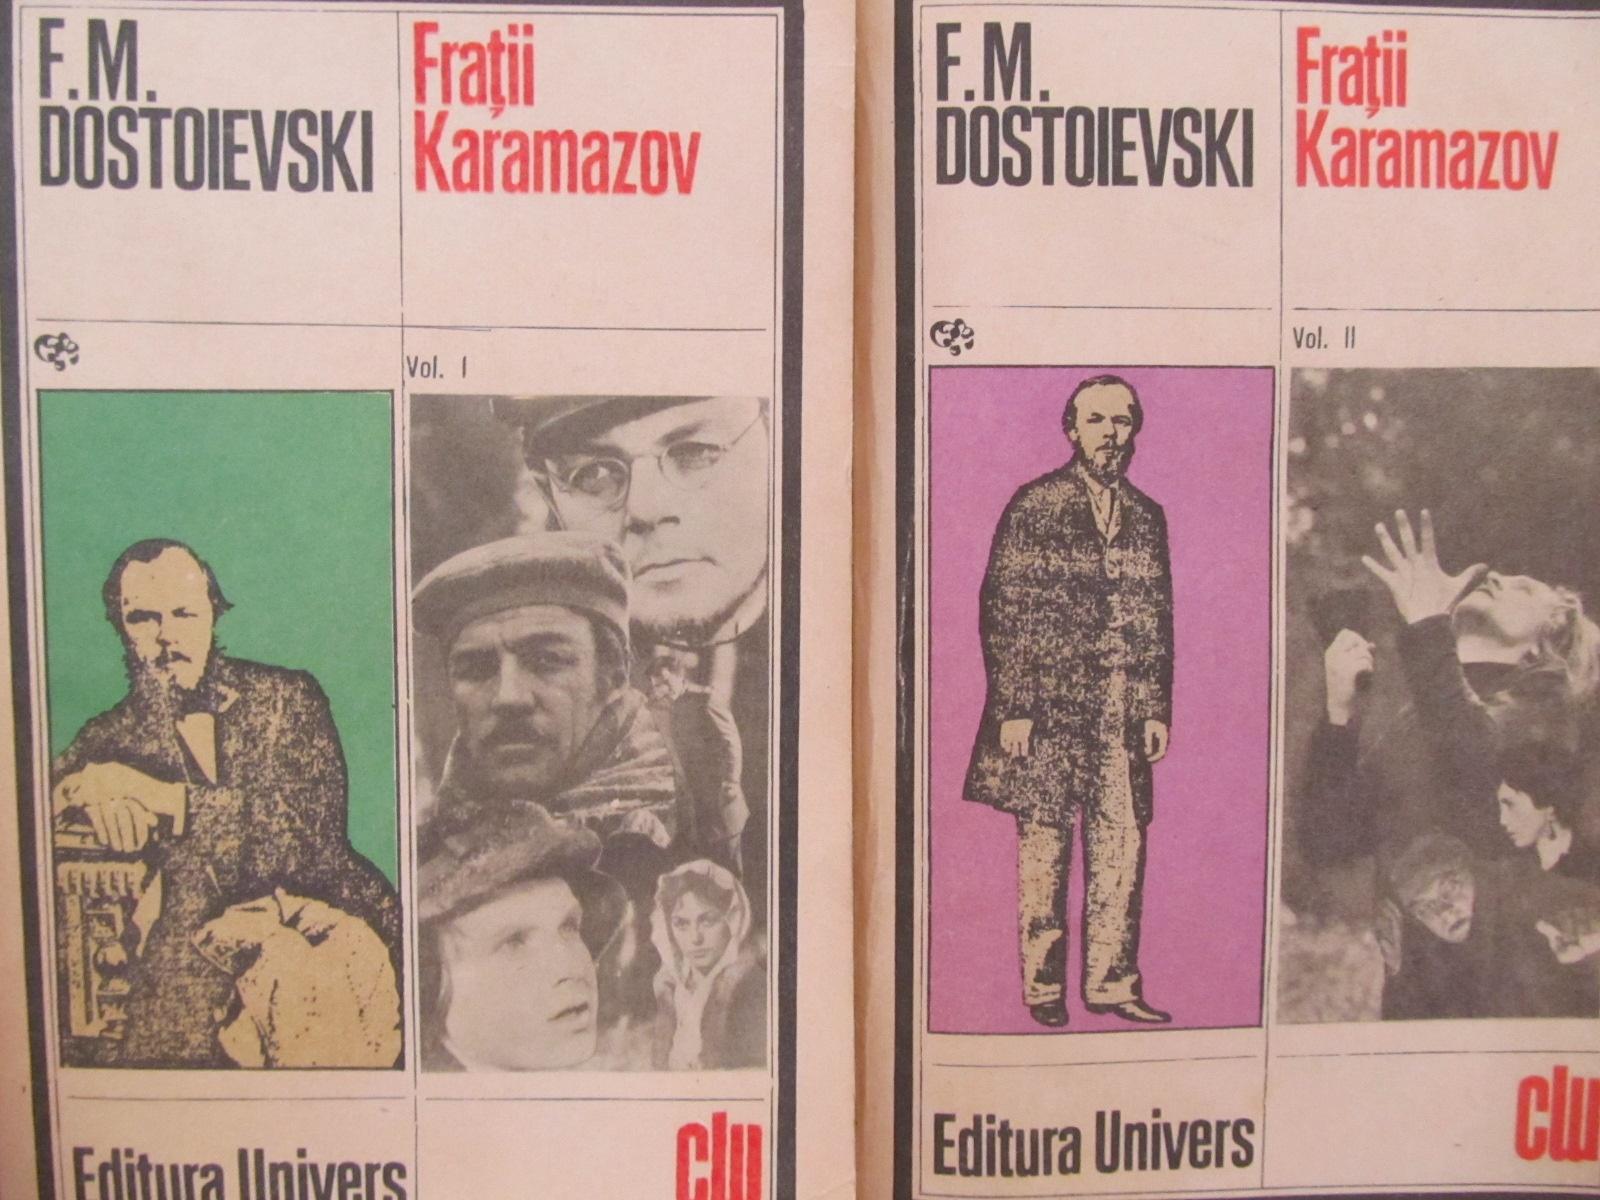 Fratii Karamazov (2 vol.) - F. M. Dostoievski | Detalii carte